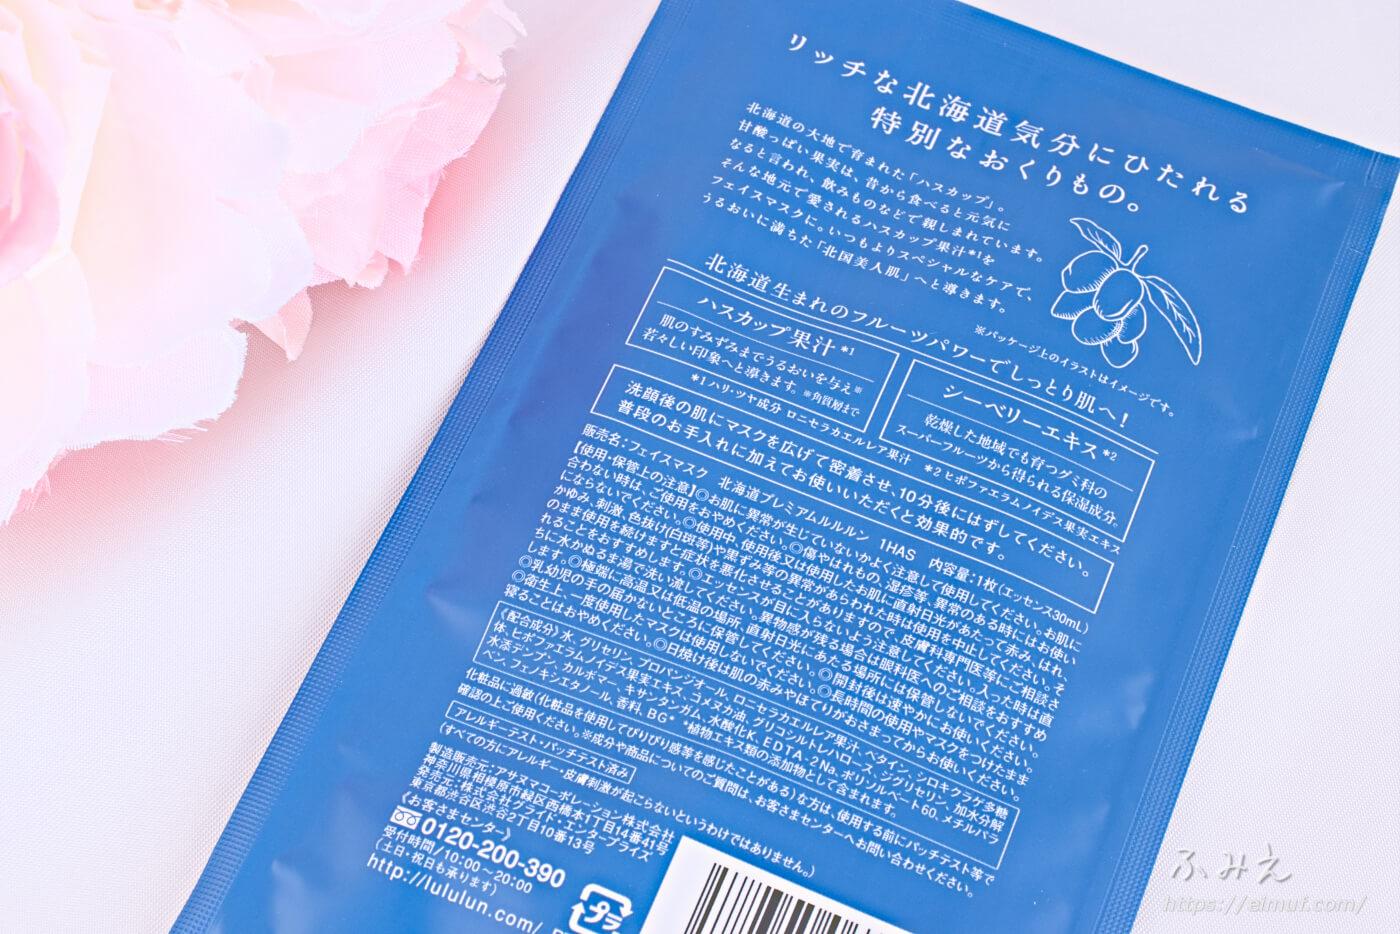 北海道のプレミアムルルルン(ライラックの香り) 大人のスペシャルケア 個包装パッケージ裏面